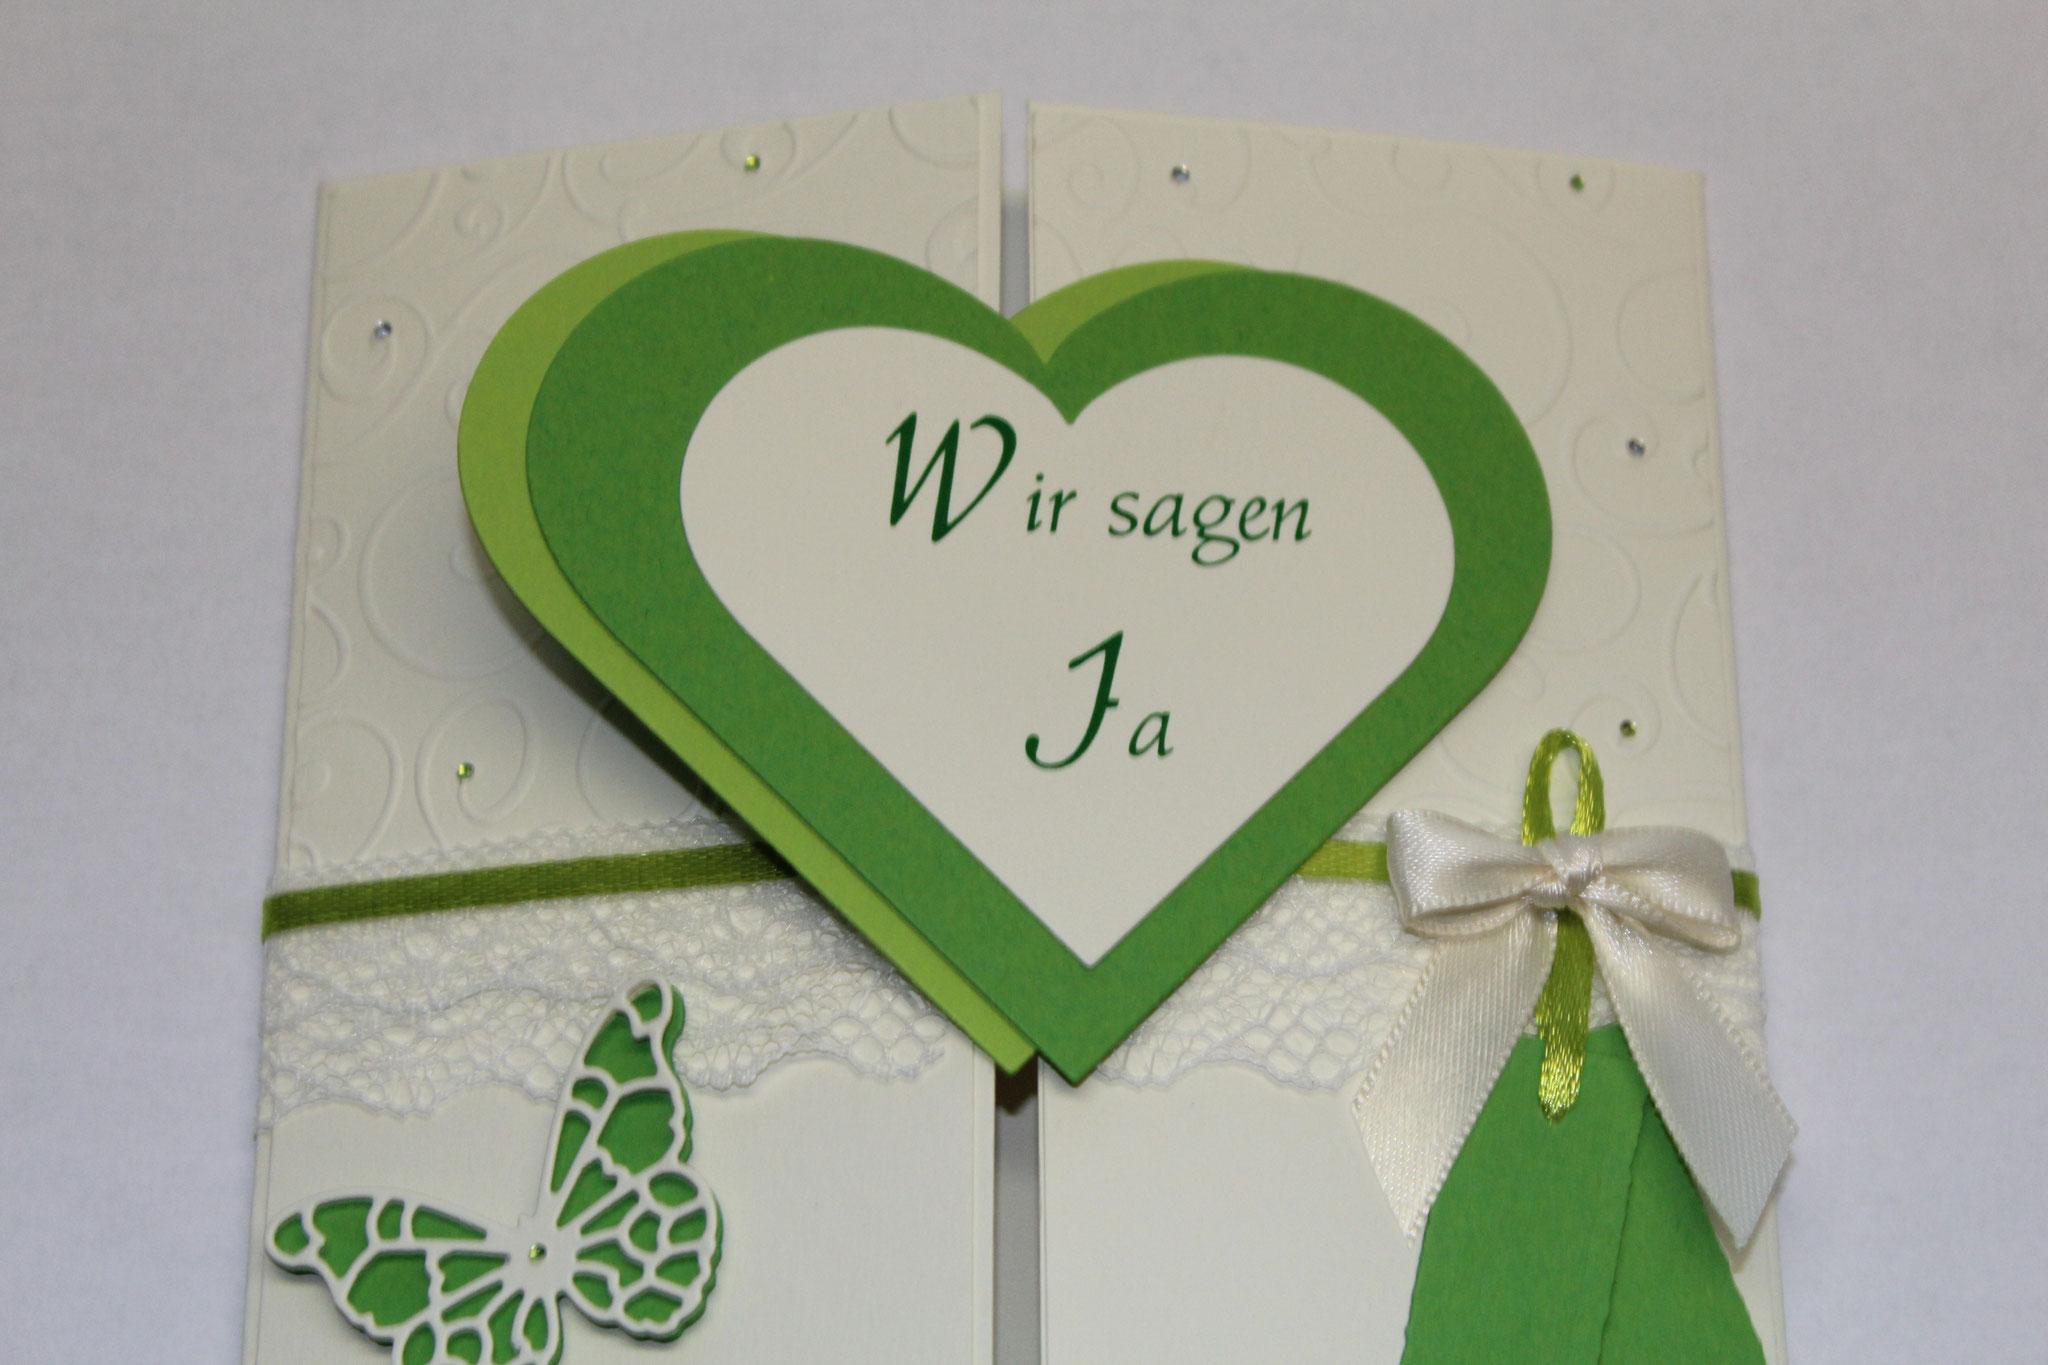 EH 74 mittig zu öffnen. Gerne arbeiten wir ein Bild von Euch auf die Herzinnenseite ein. Anhänger für die Vornamen des Brautpaares.